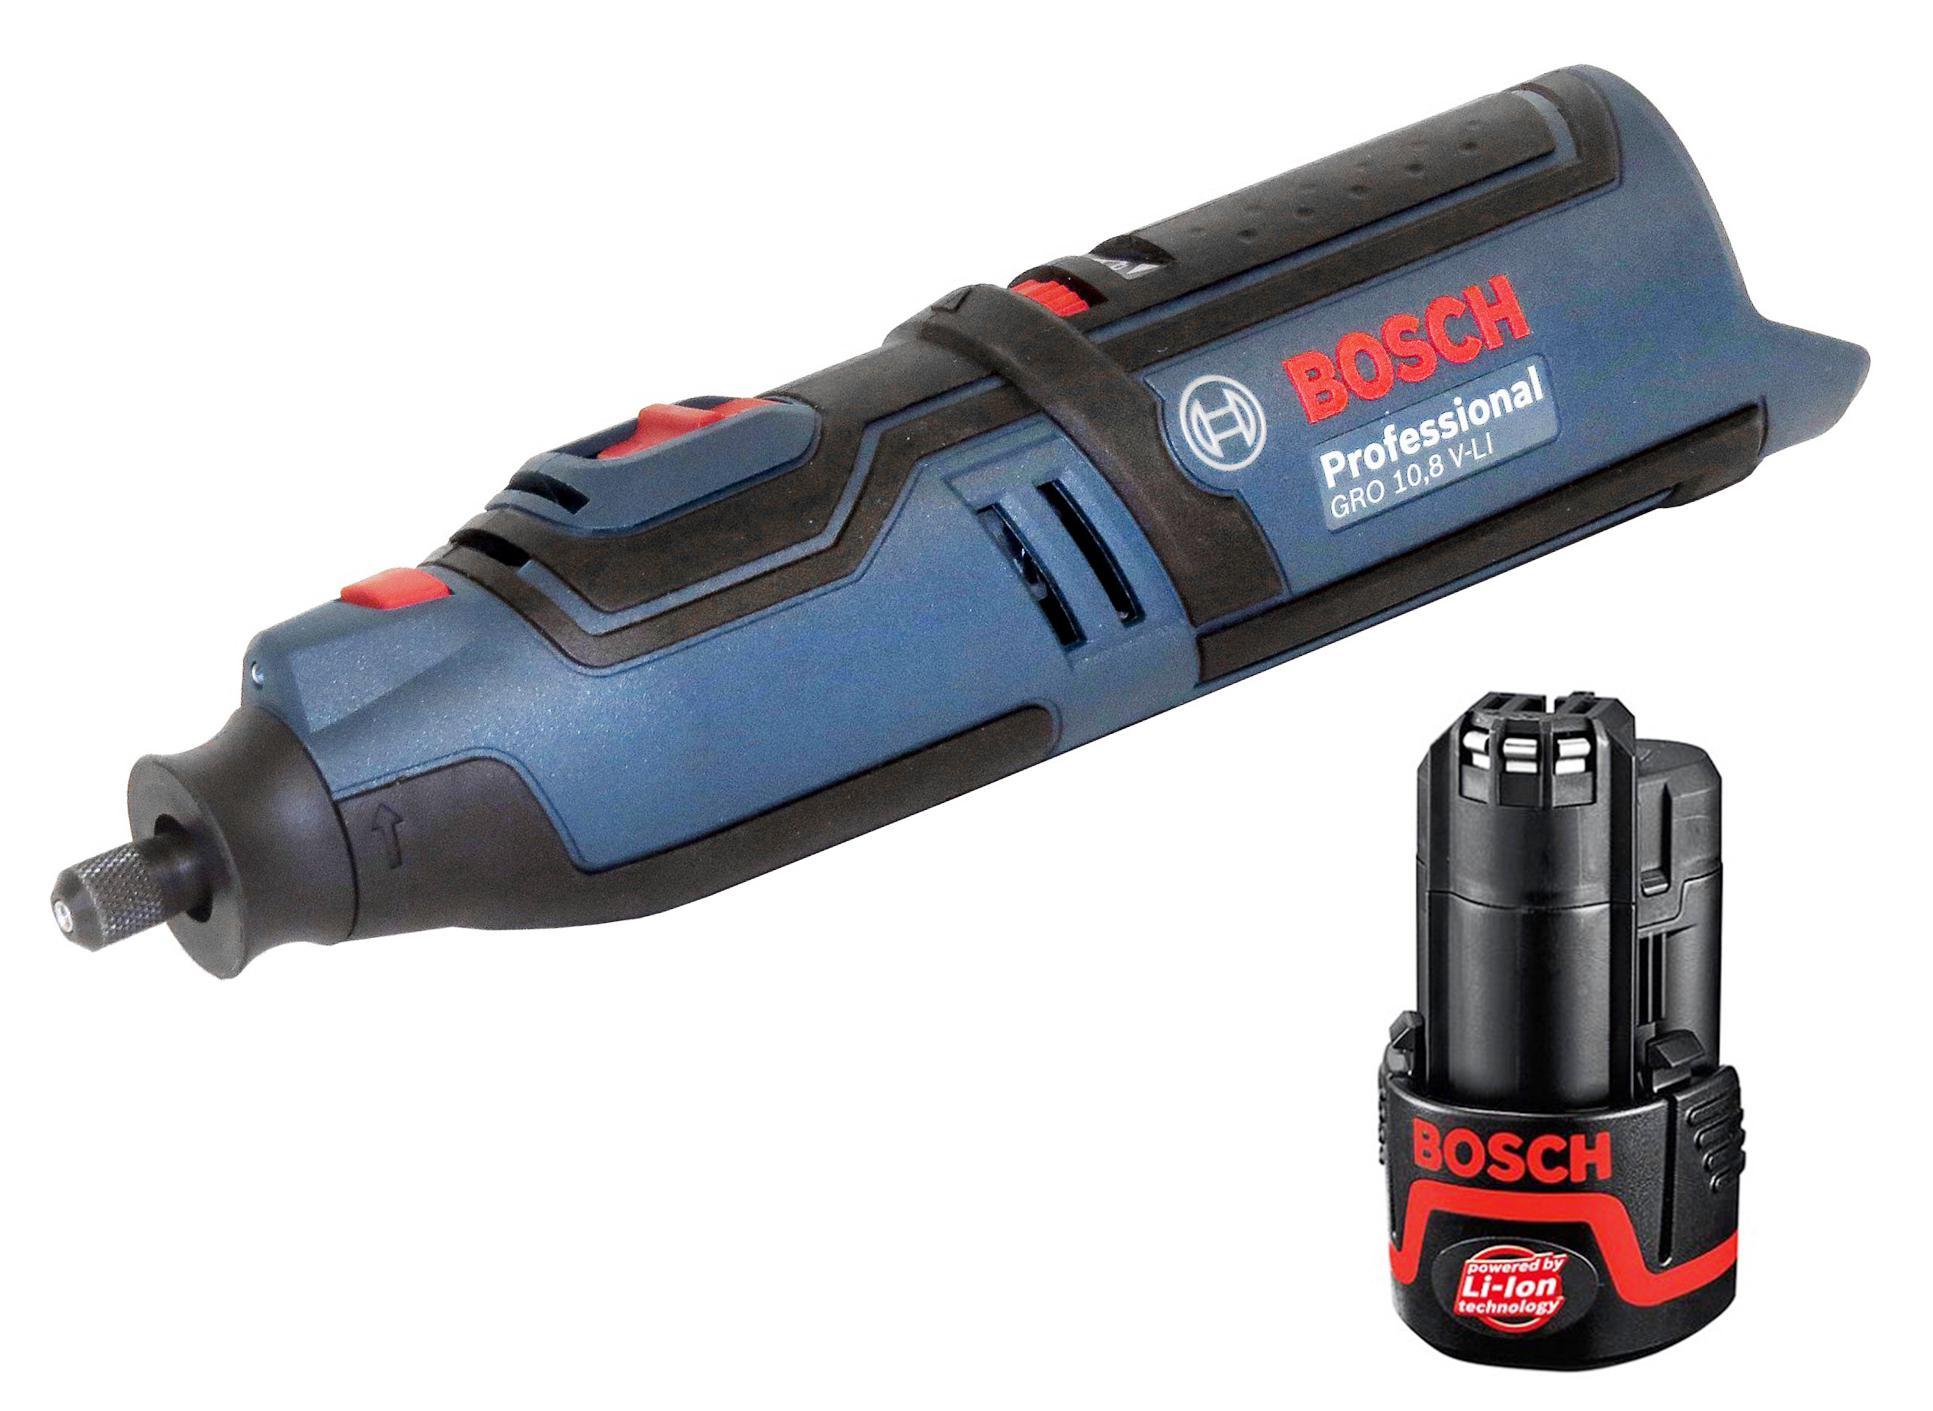 Набор Bosch Мини-дрель gro 10,8 v-li без акк (0.601.9c5.000) +Аккумулятор 12 В2.0Ач liion (1.600.z00.02x)